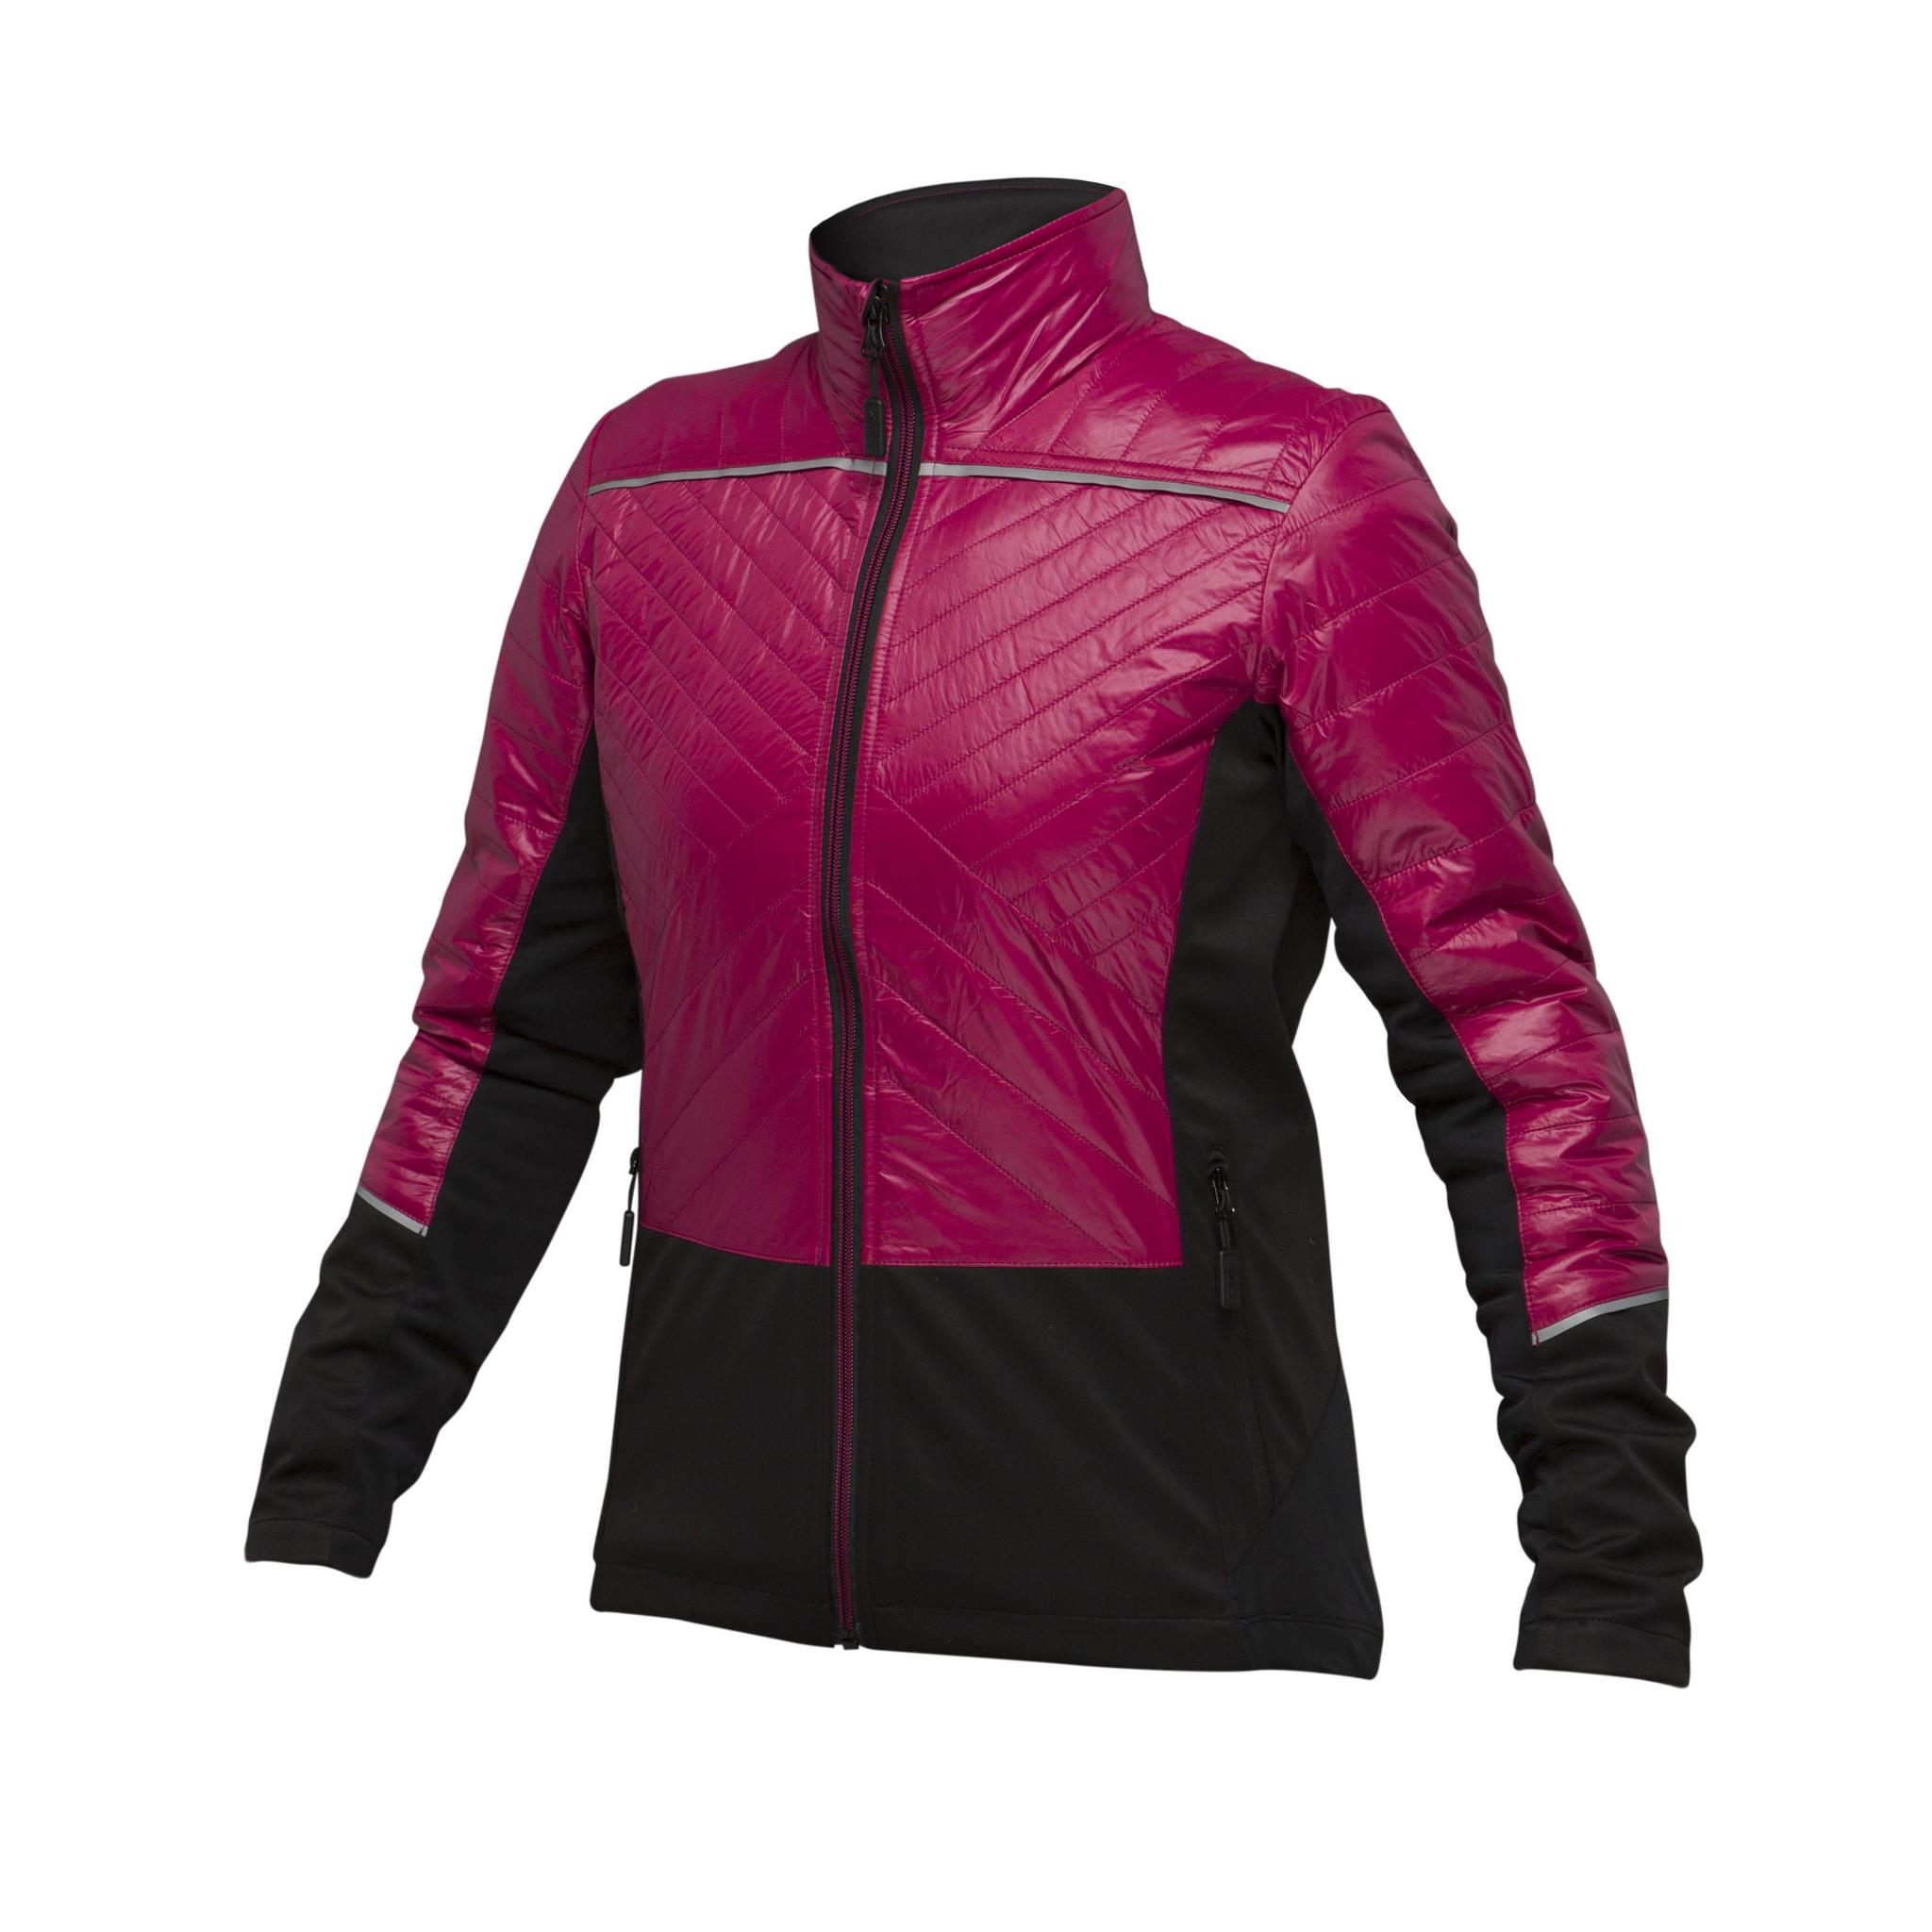 Swix Women's Keltten Jacket